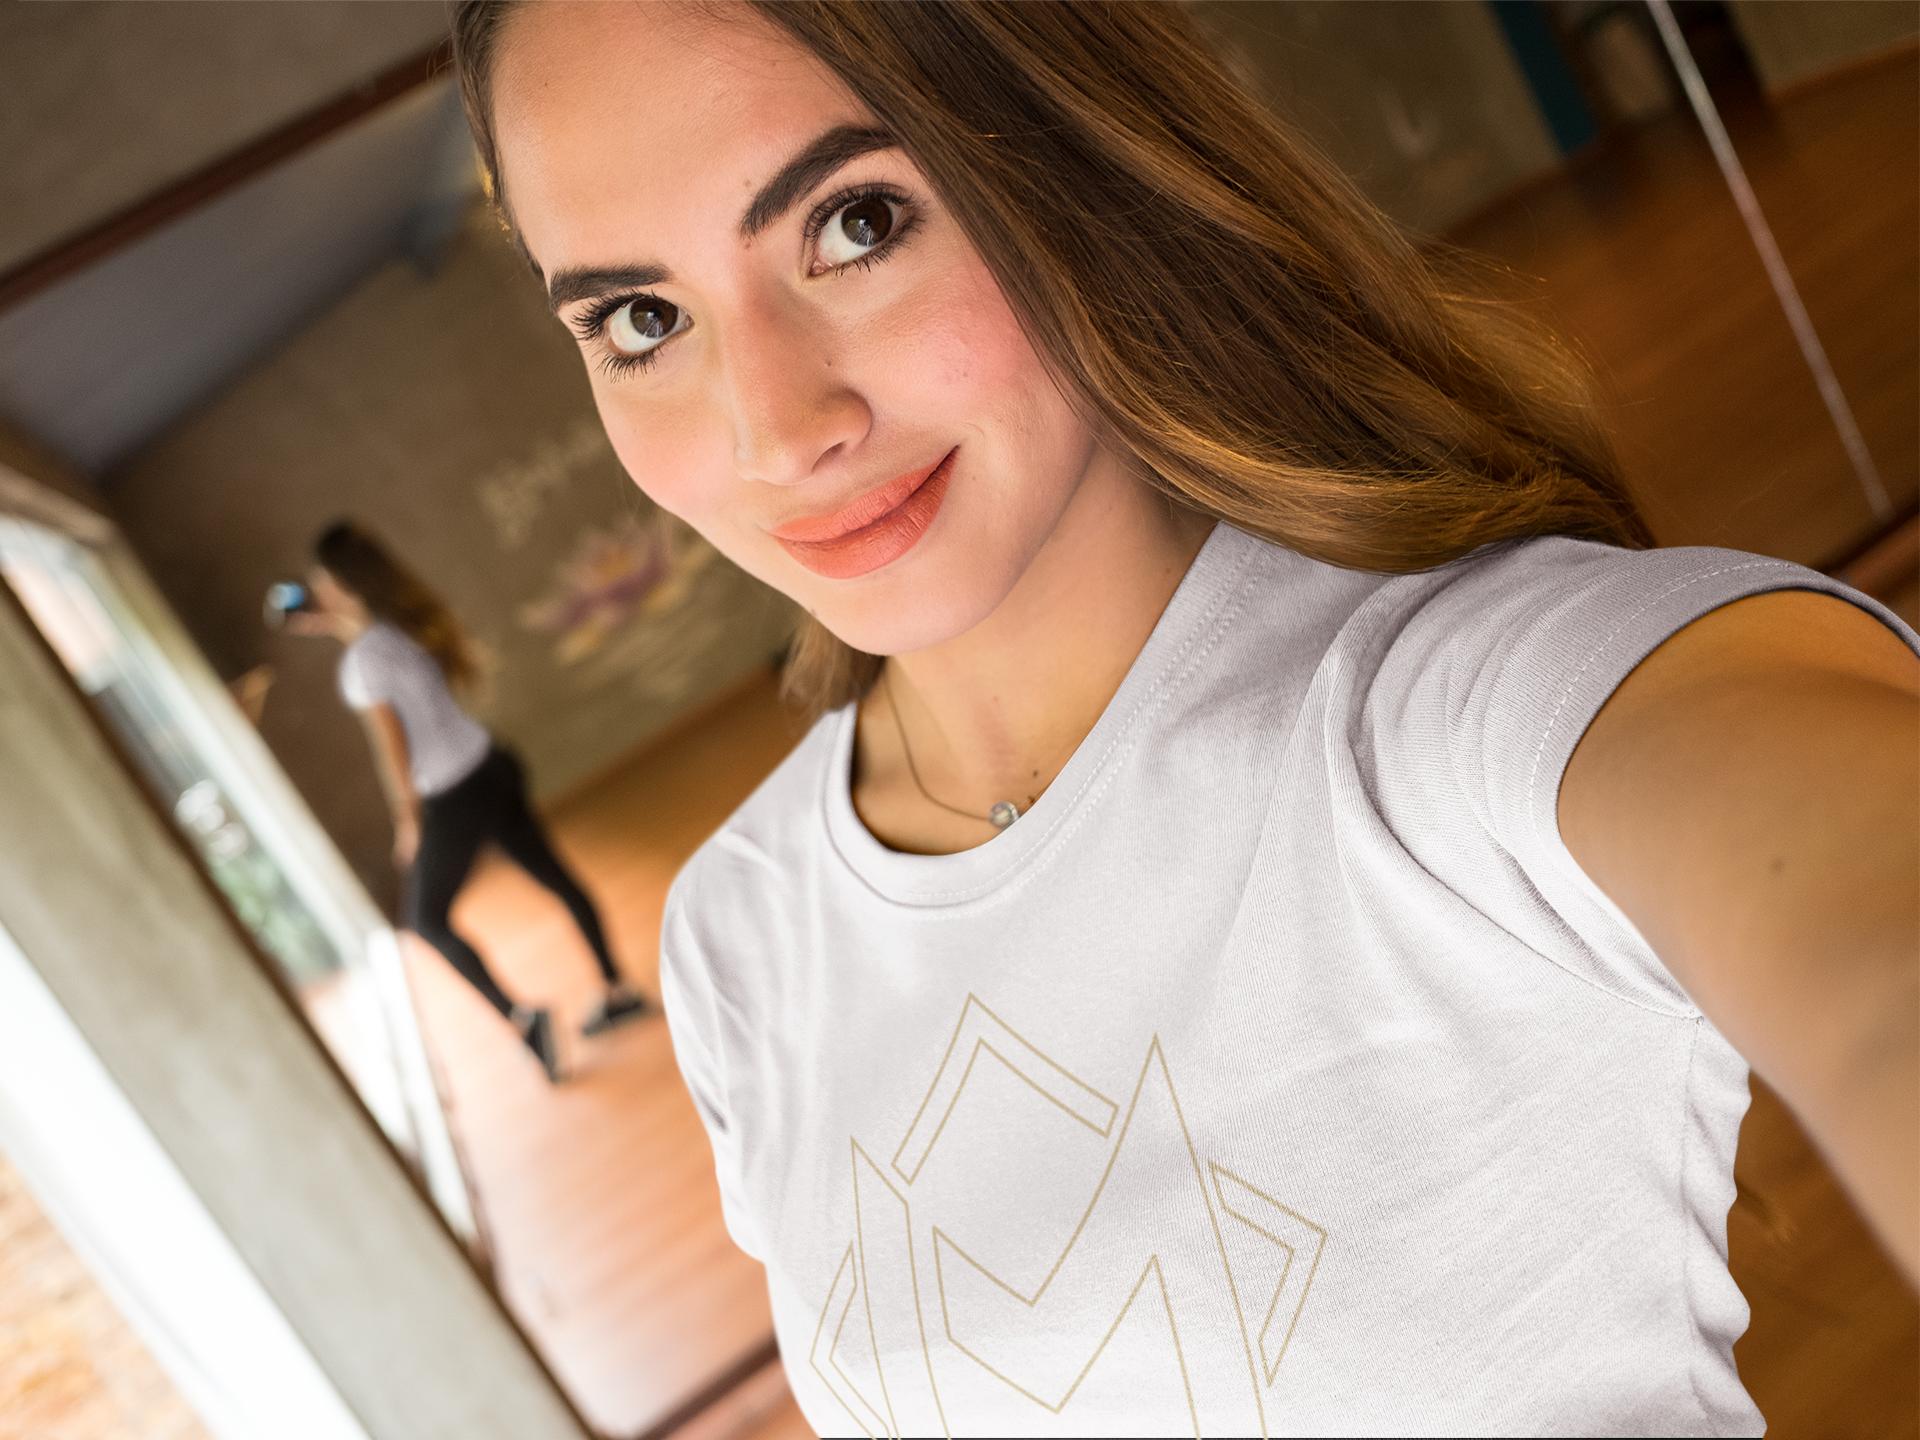 beautiful-girl-wearing-a-t-shirt-mockup-